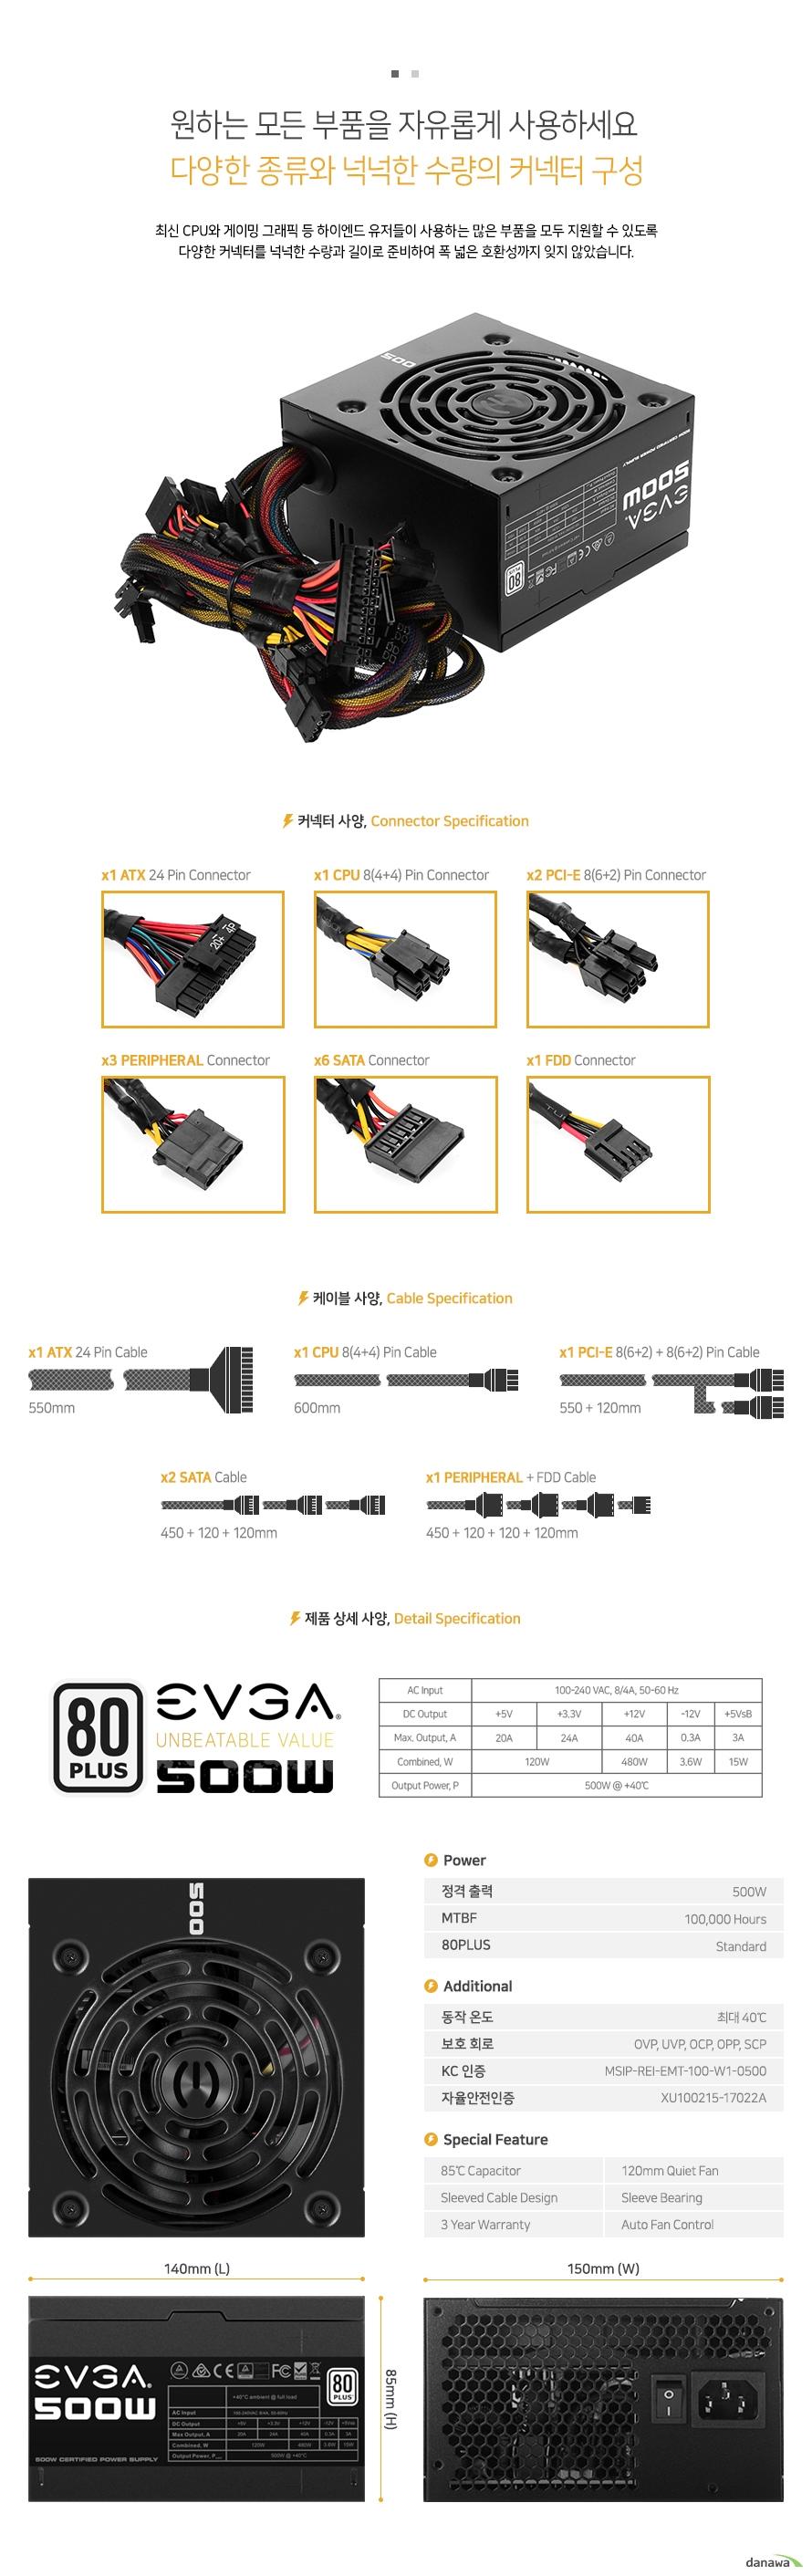 다양한 커넥터와 넉넉한 케이블 길이